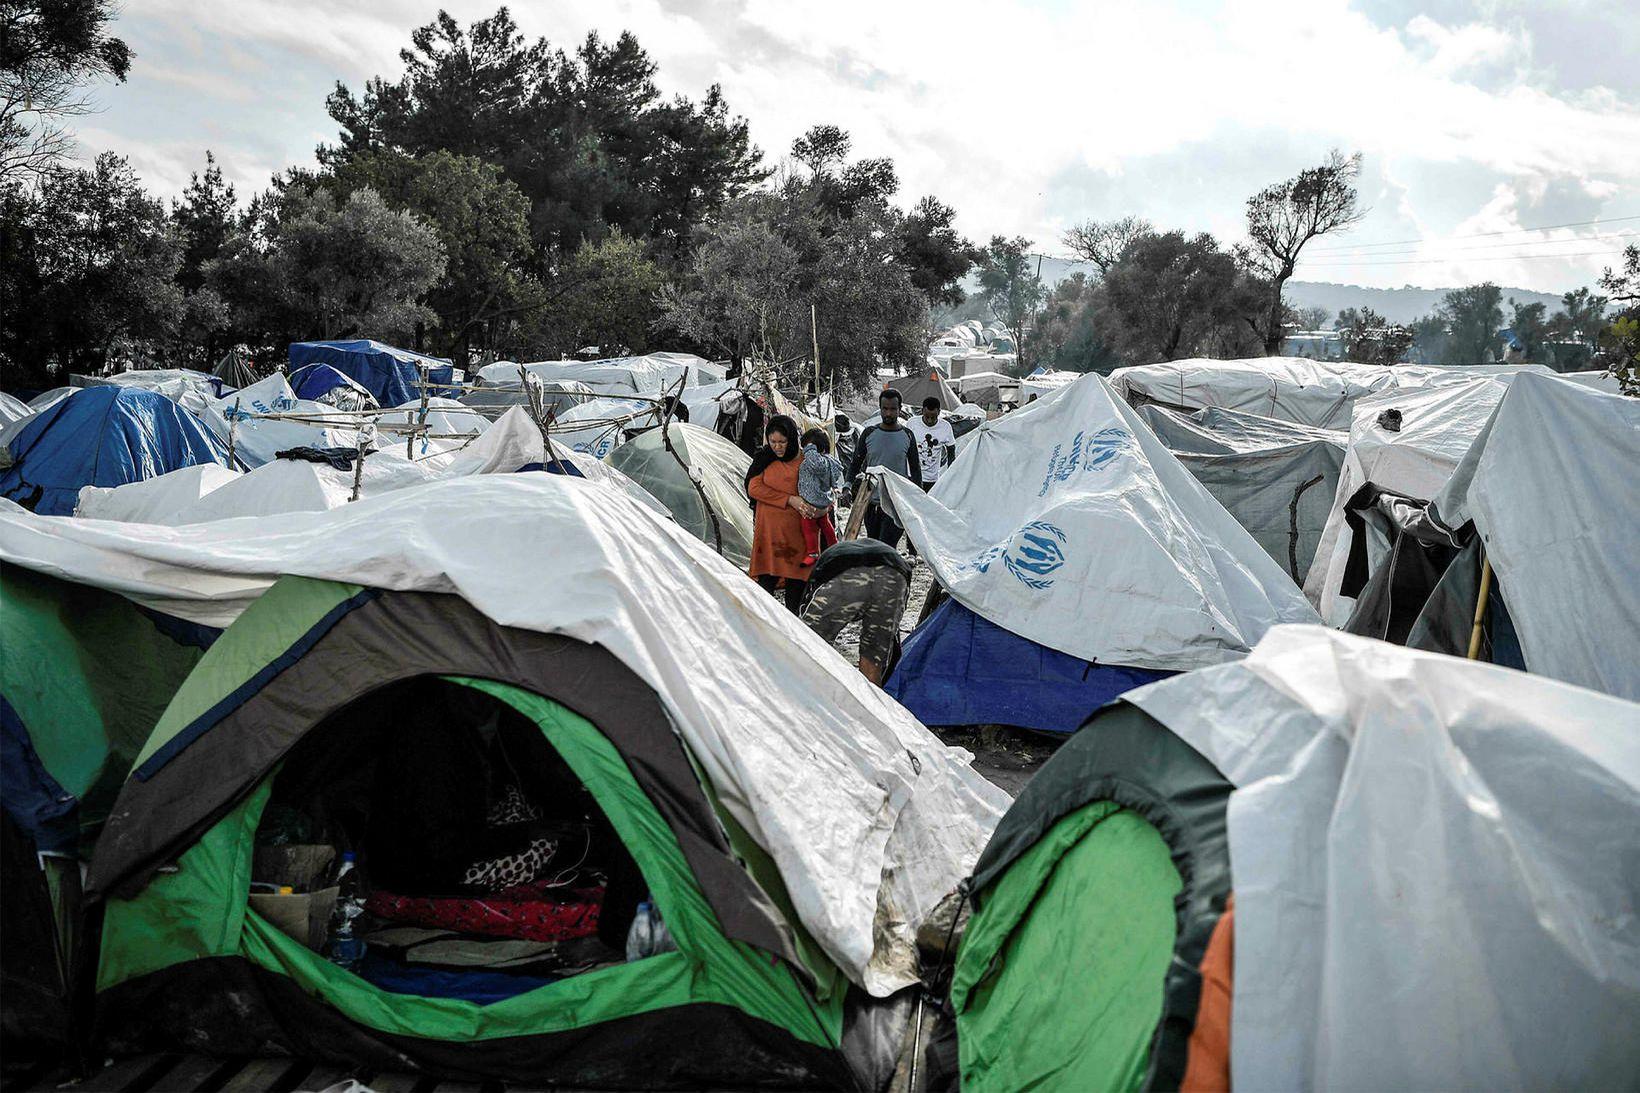 Frá Vial flóttamannabúðunum á grísku eyjunni Chios.